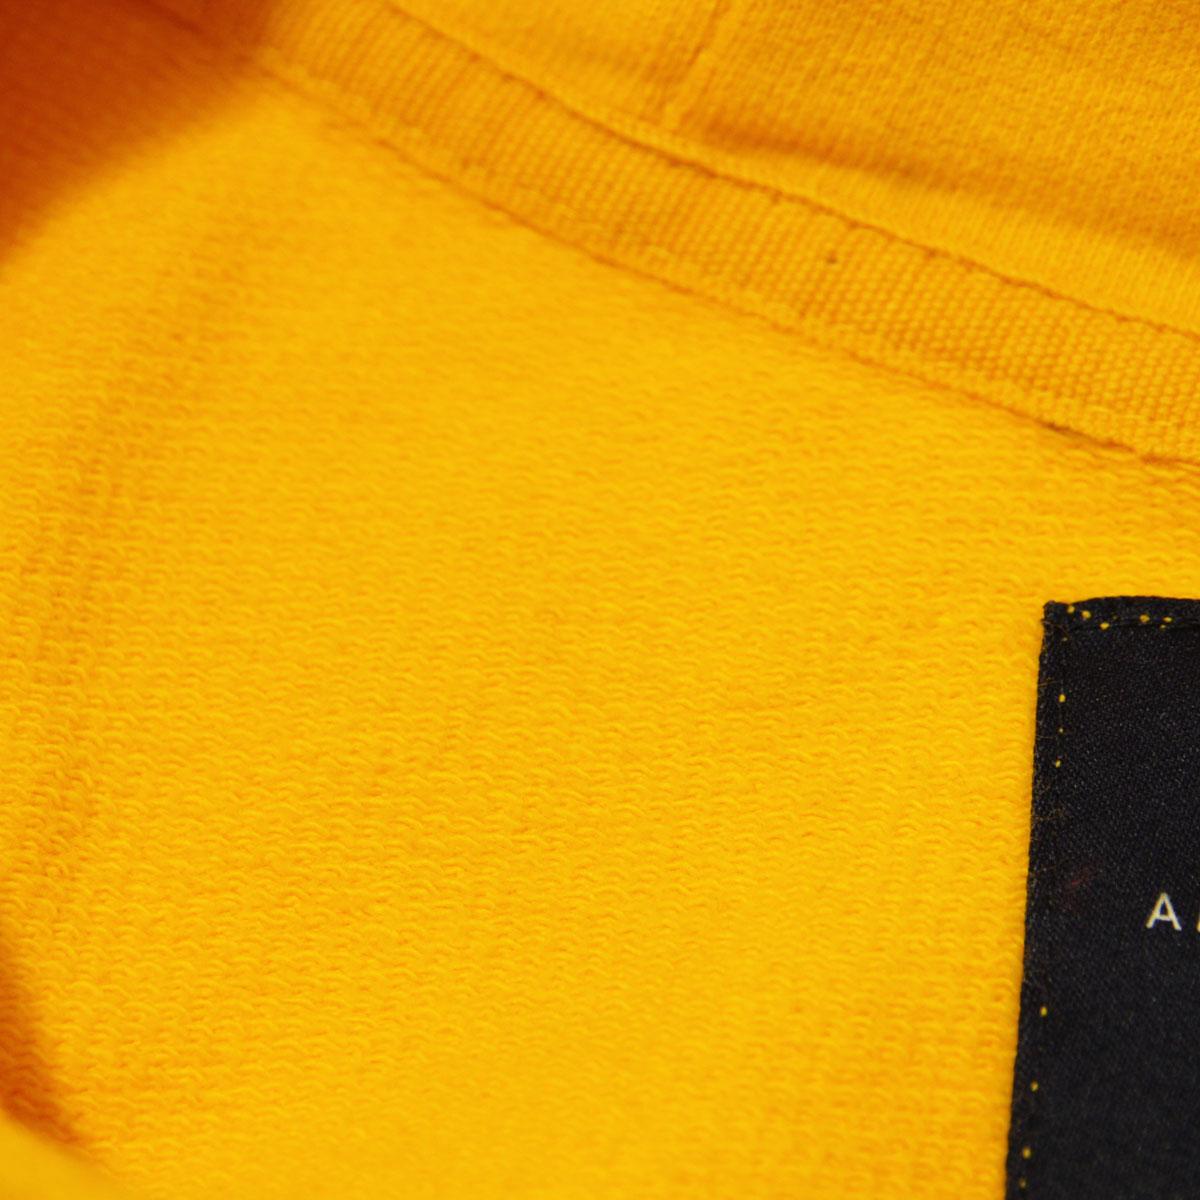 アメリカンイーグル AMERICAN EAGLE 正規品 メンズ 裏起毛 コットンスウェット プルオーバーパーカー AE GRAPHIC PULLOVER HOODIE 0193-1019-700 A04B B1C C1D D5E E12F